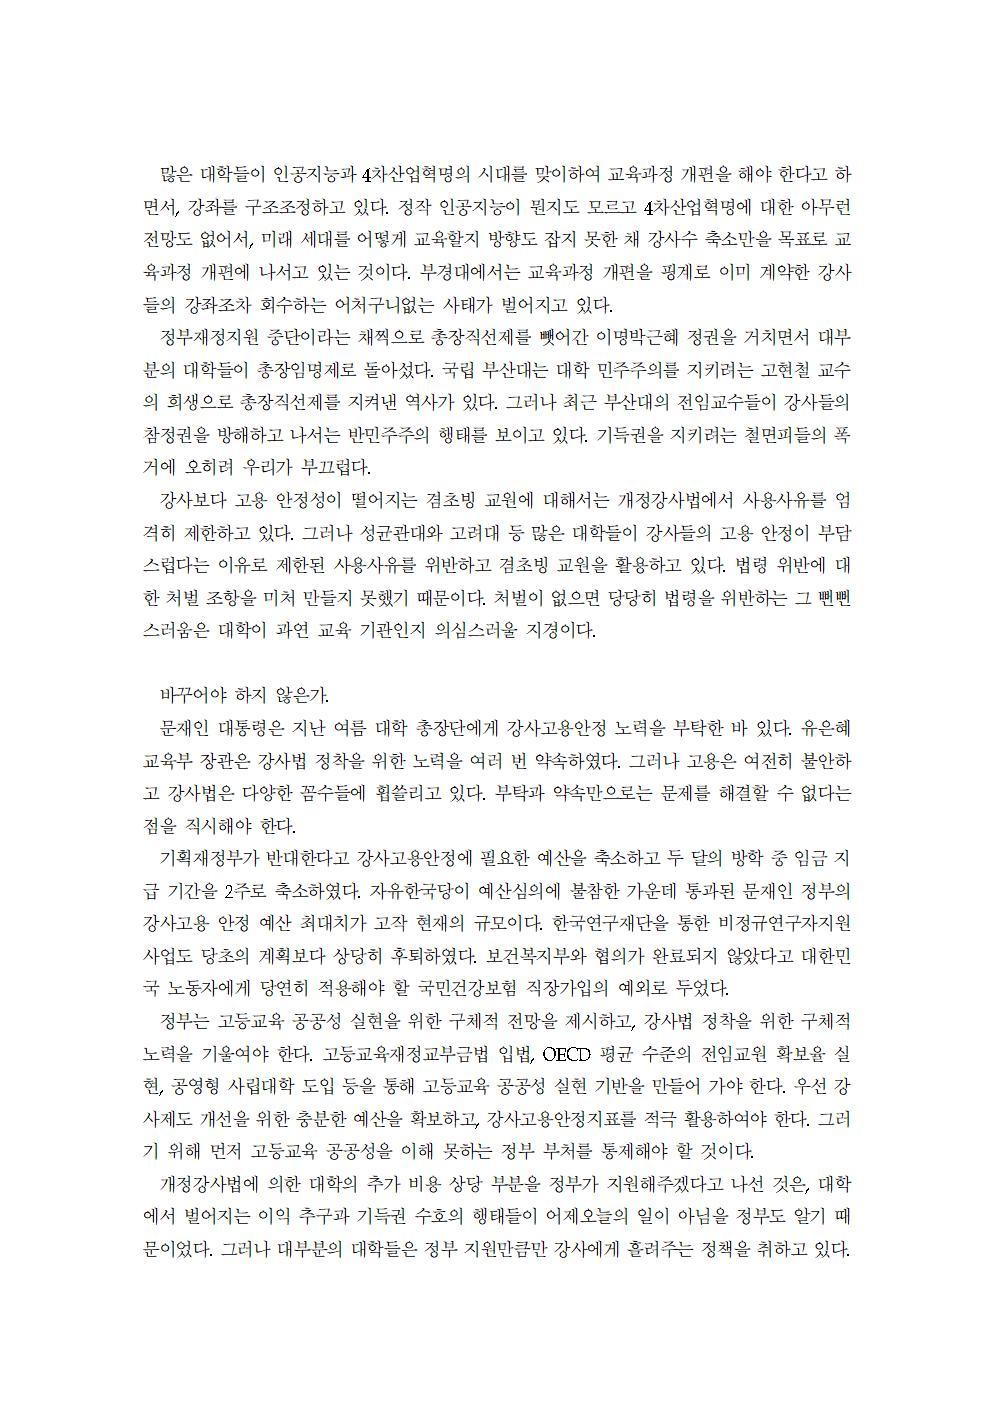 한국비정규교수노동조합20200106기자회견최종본이후수정본002.jpg